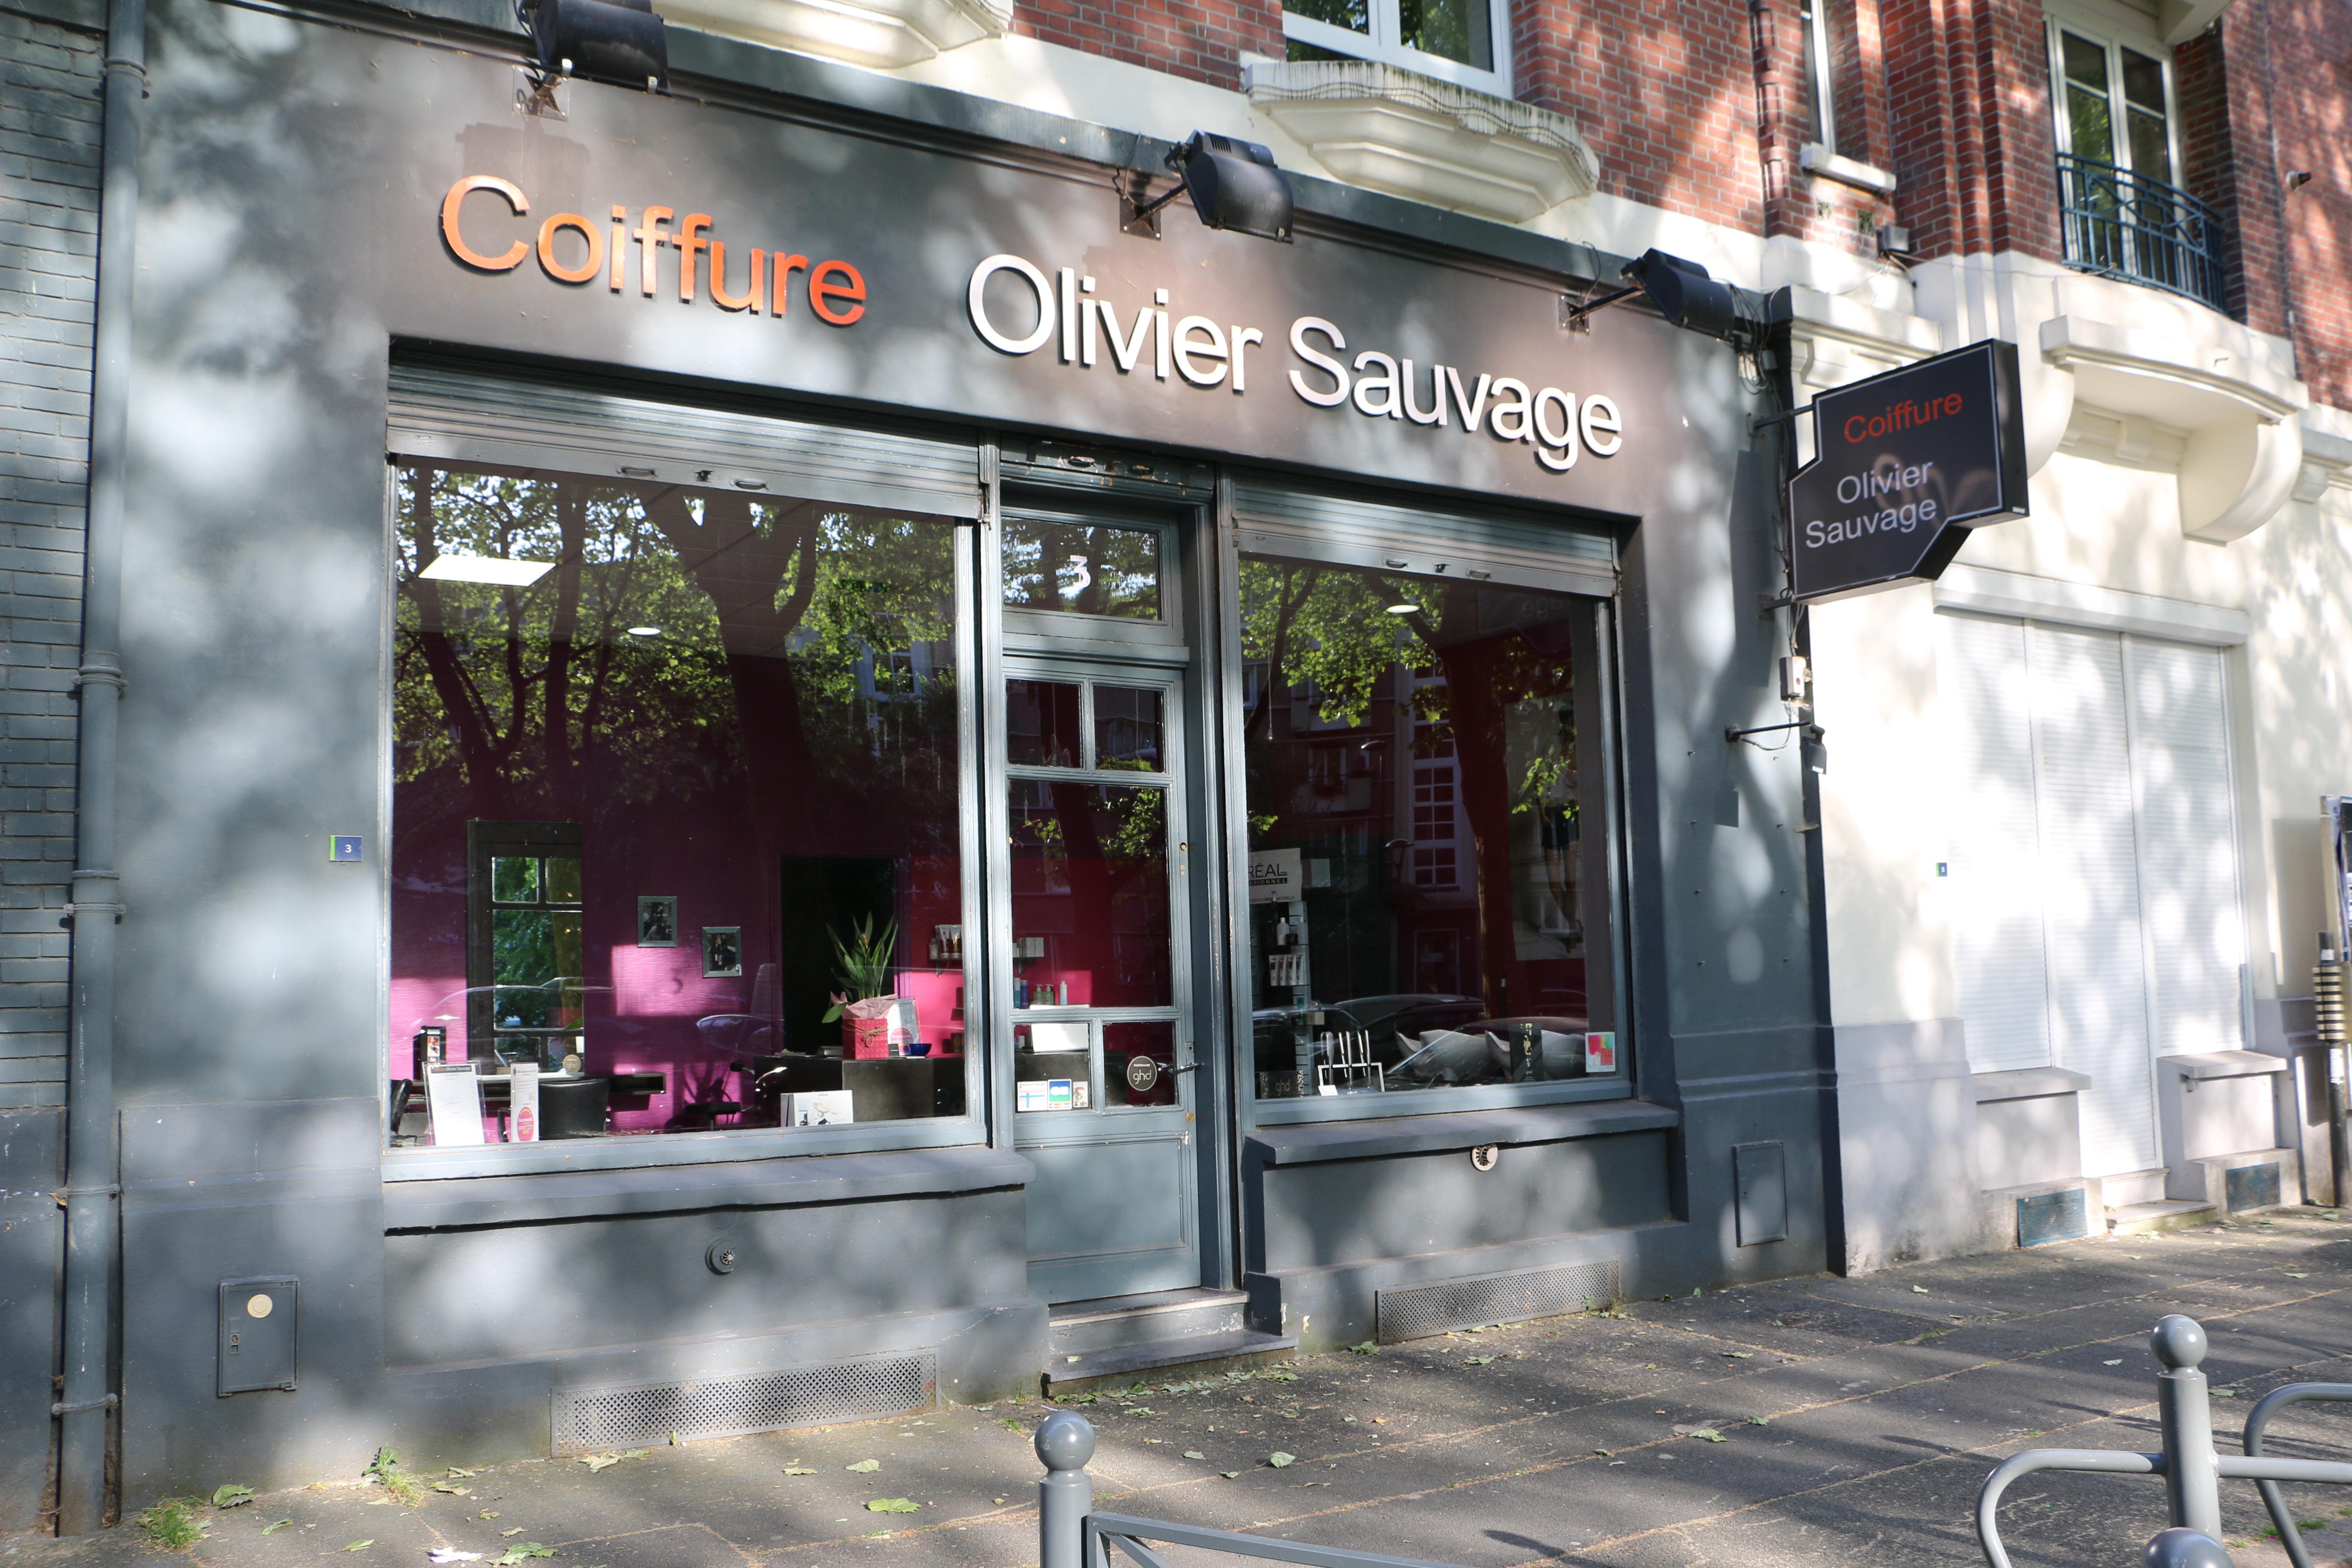 Coiffure Olivier Sauvage